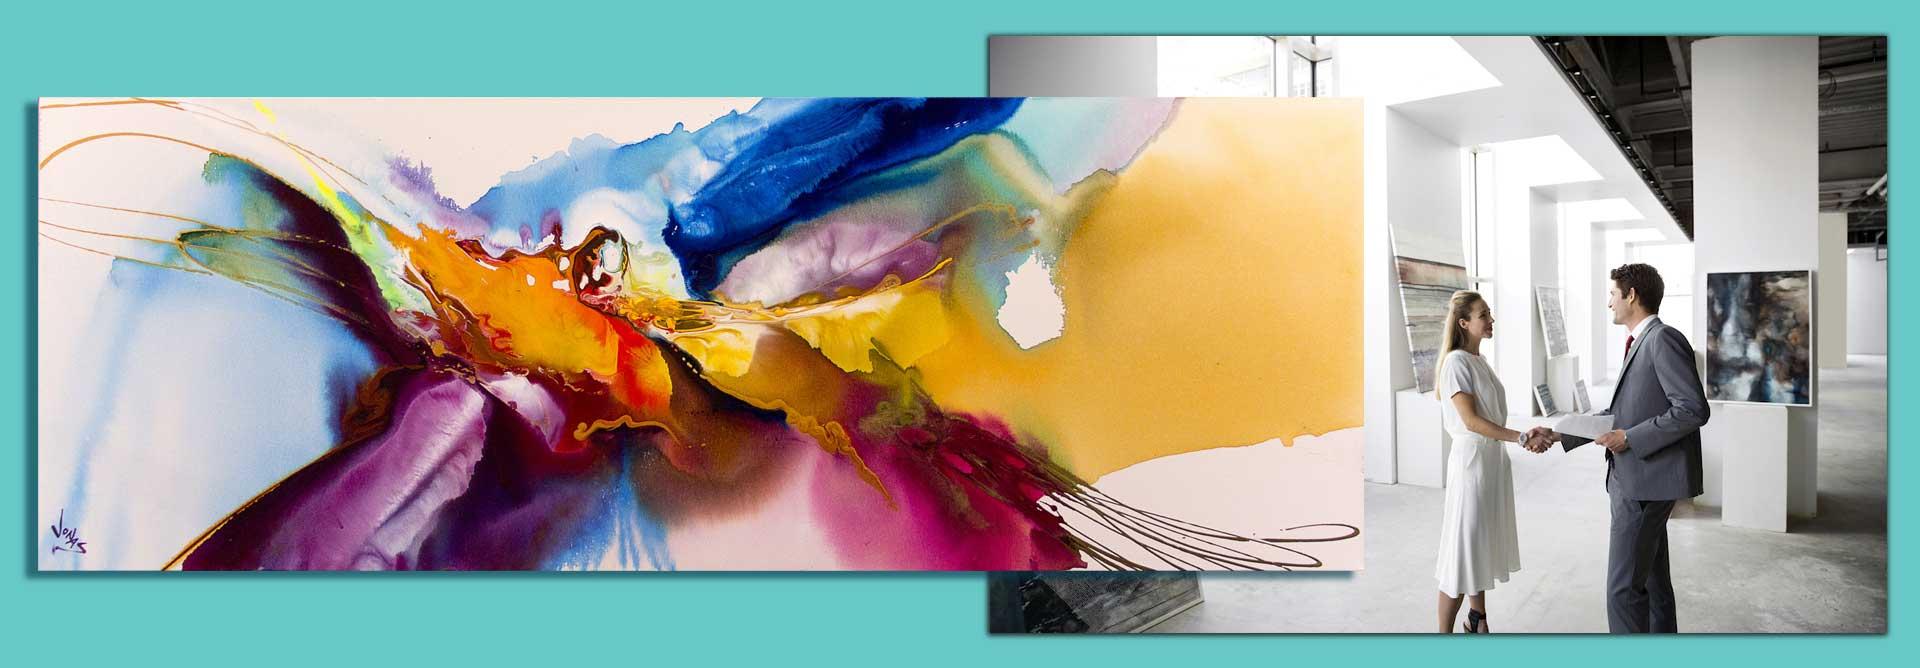 99 methods for selling  artwork3 - ۹۹ روش برای فروش آثار هنری